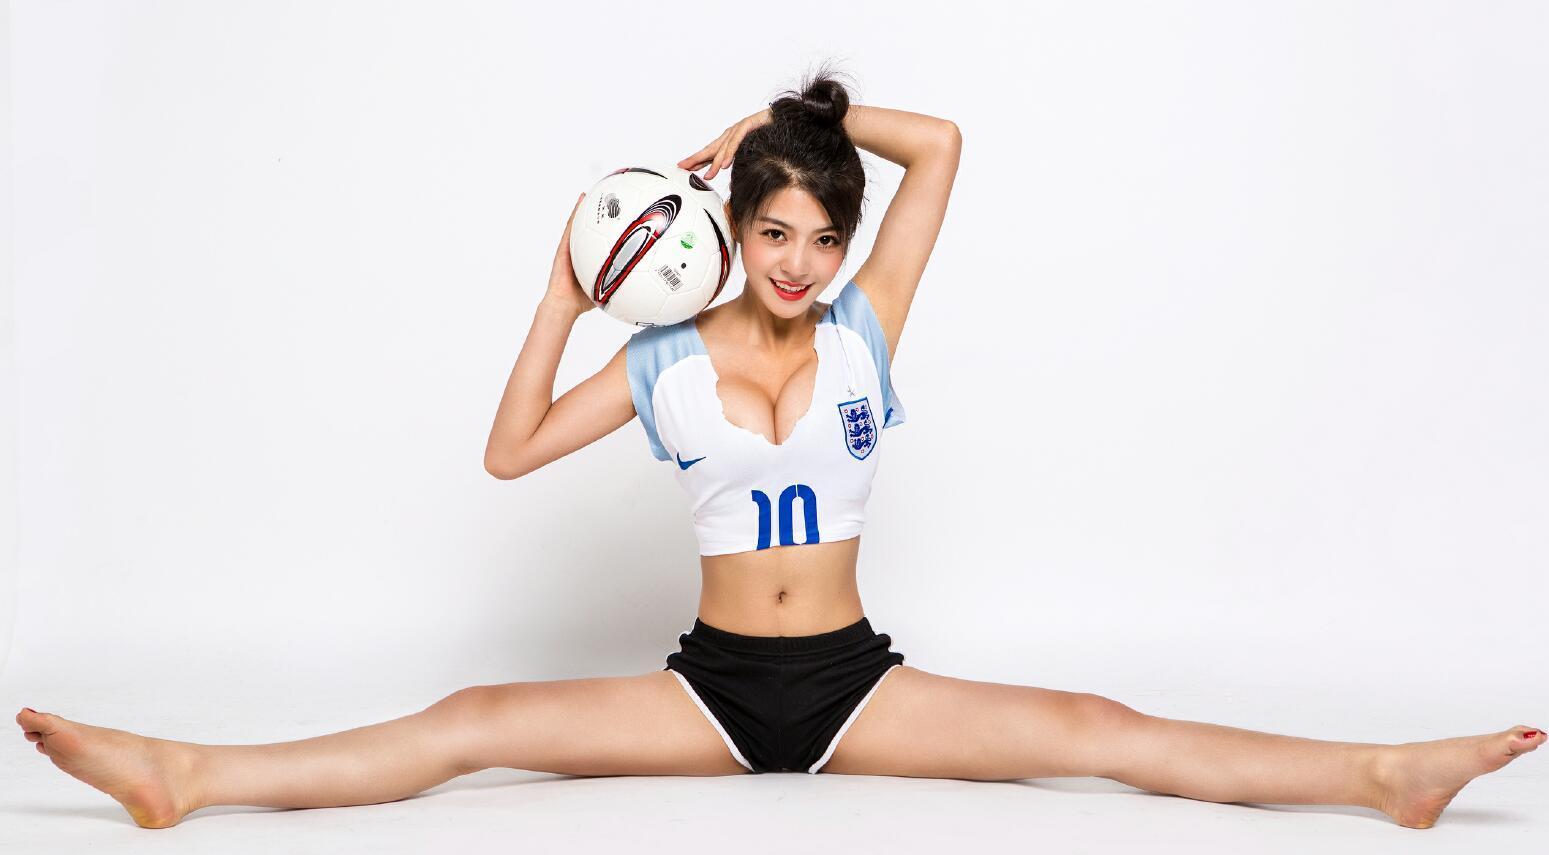 รวมมิตรสาวสวยกับลูกฟุตบอล